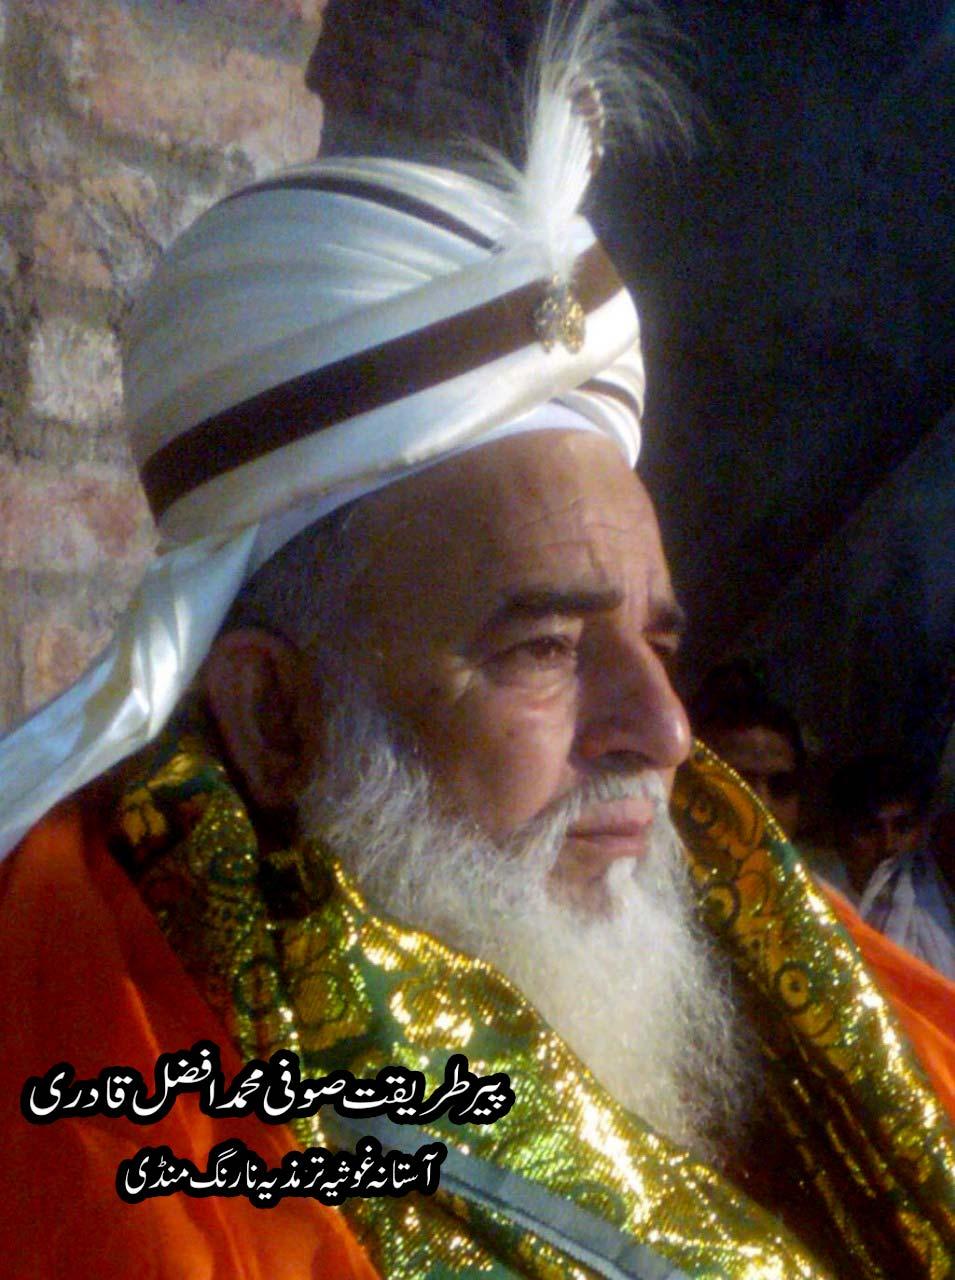 اسسٹنٹ ڈائریکٹر DFA علامہ محمد وسیم افضل قادری کے والد گرامی انتقال کر گئے